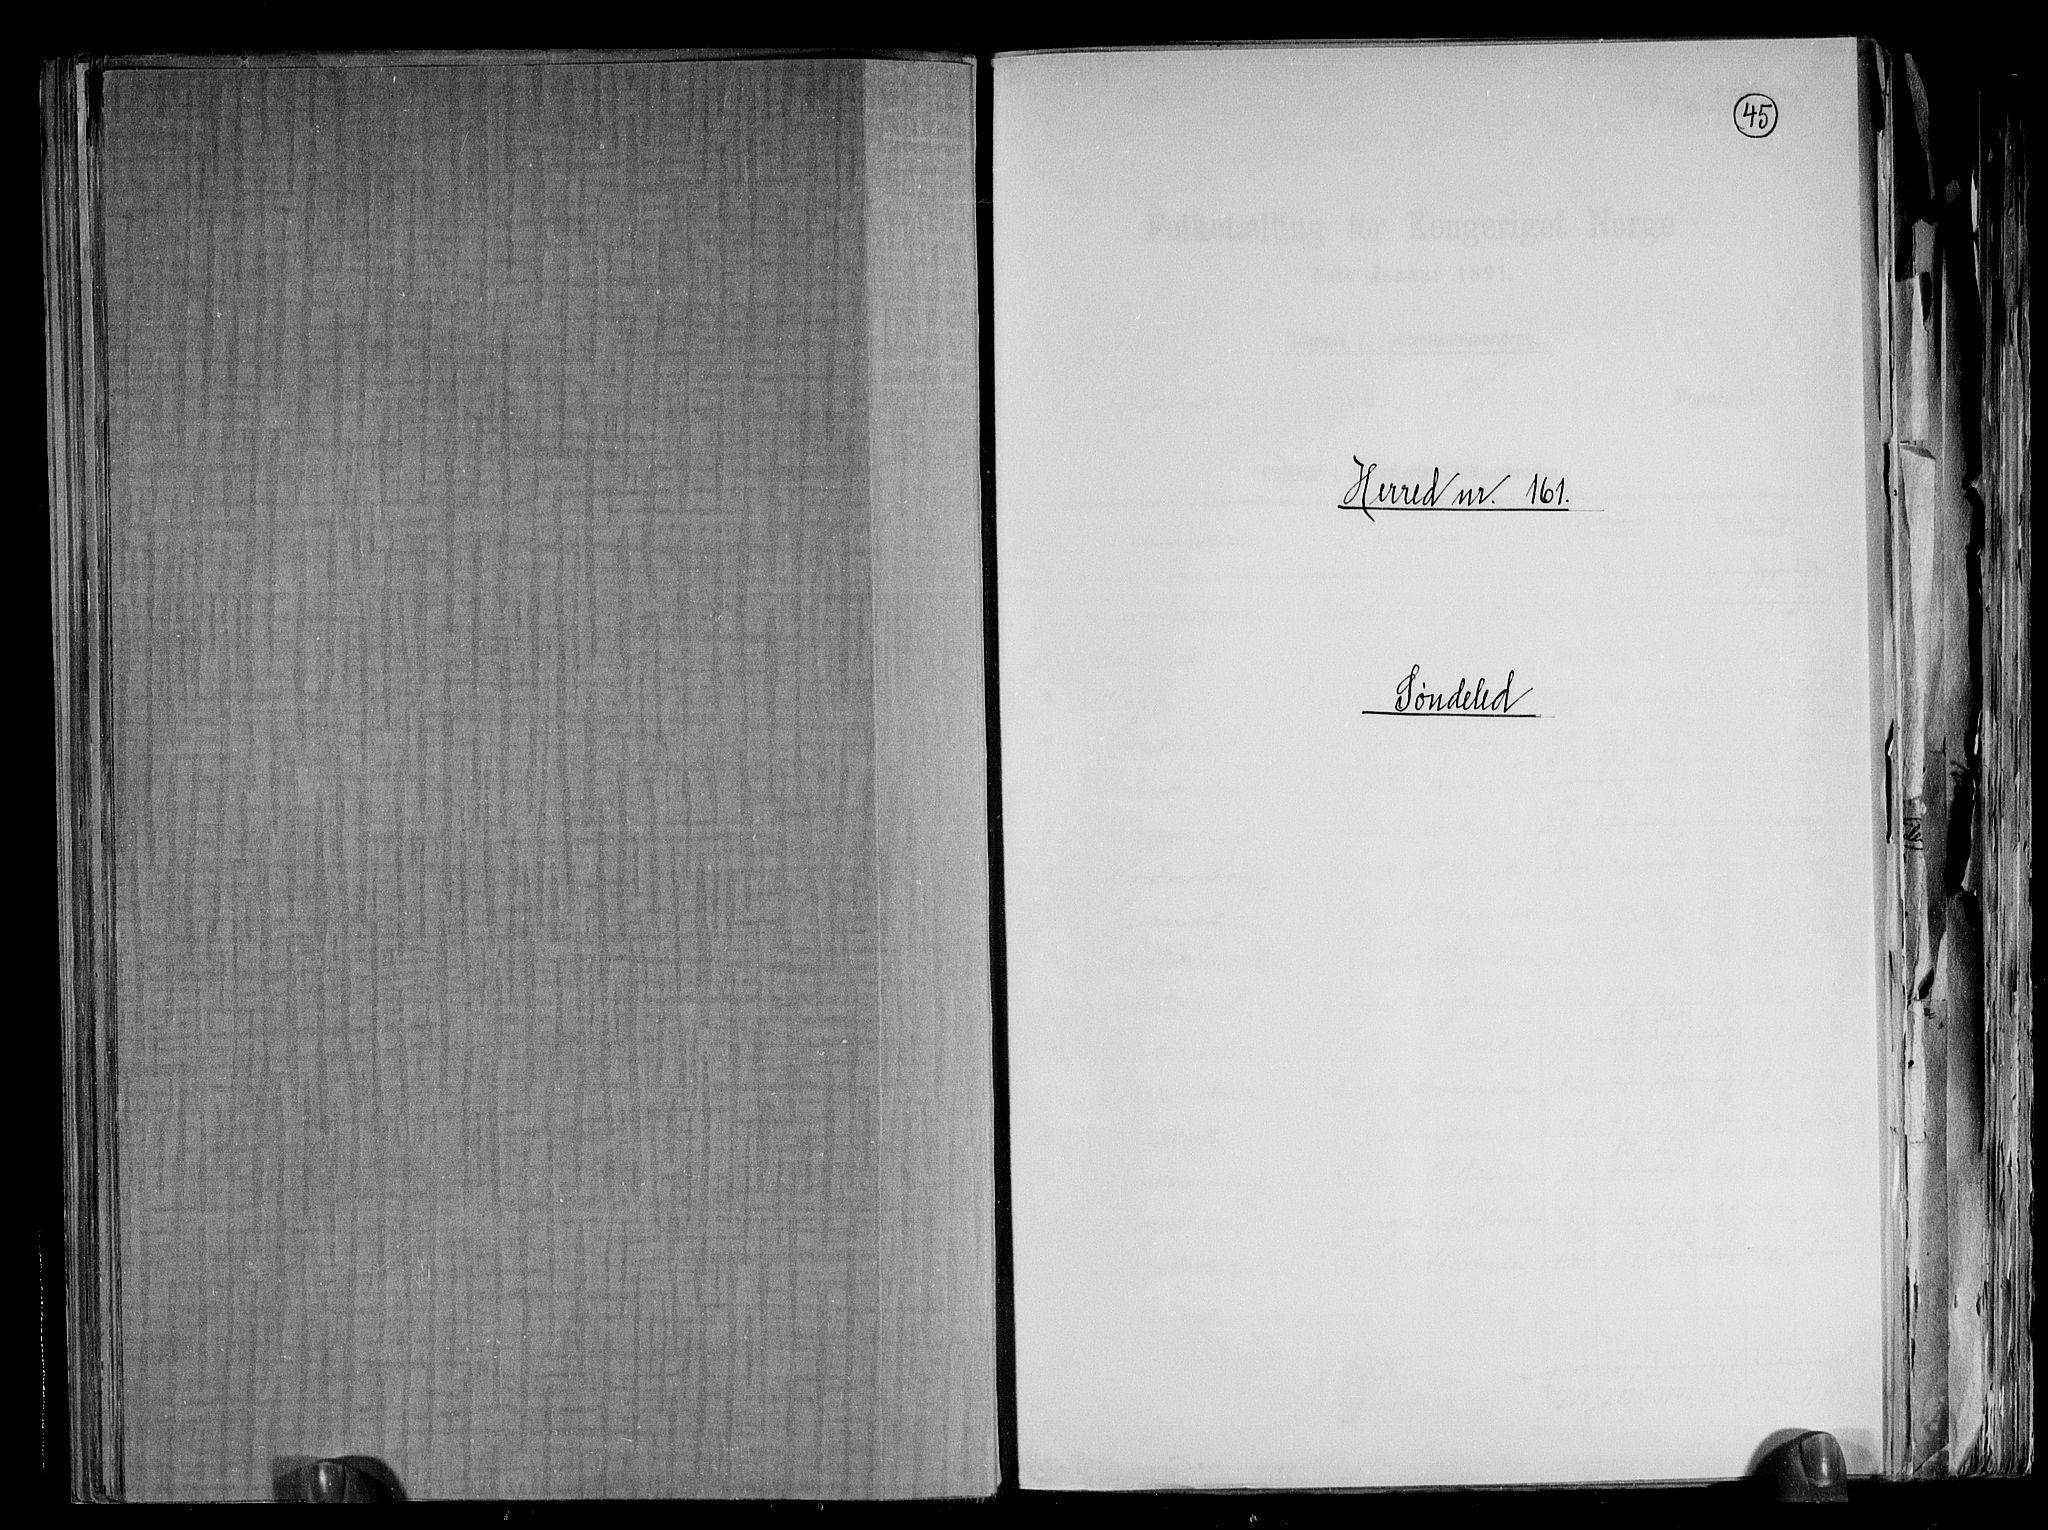 RA, Folketelling 1891 for 0913 Søndeled herred, 1891, s. 1